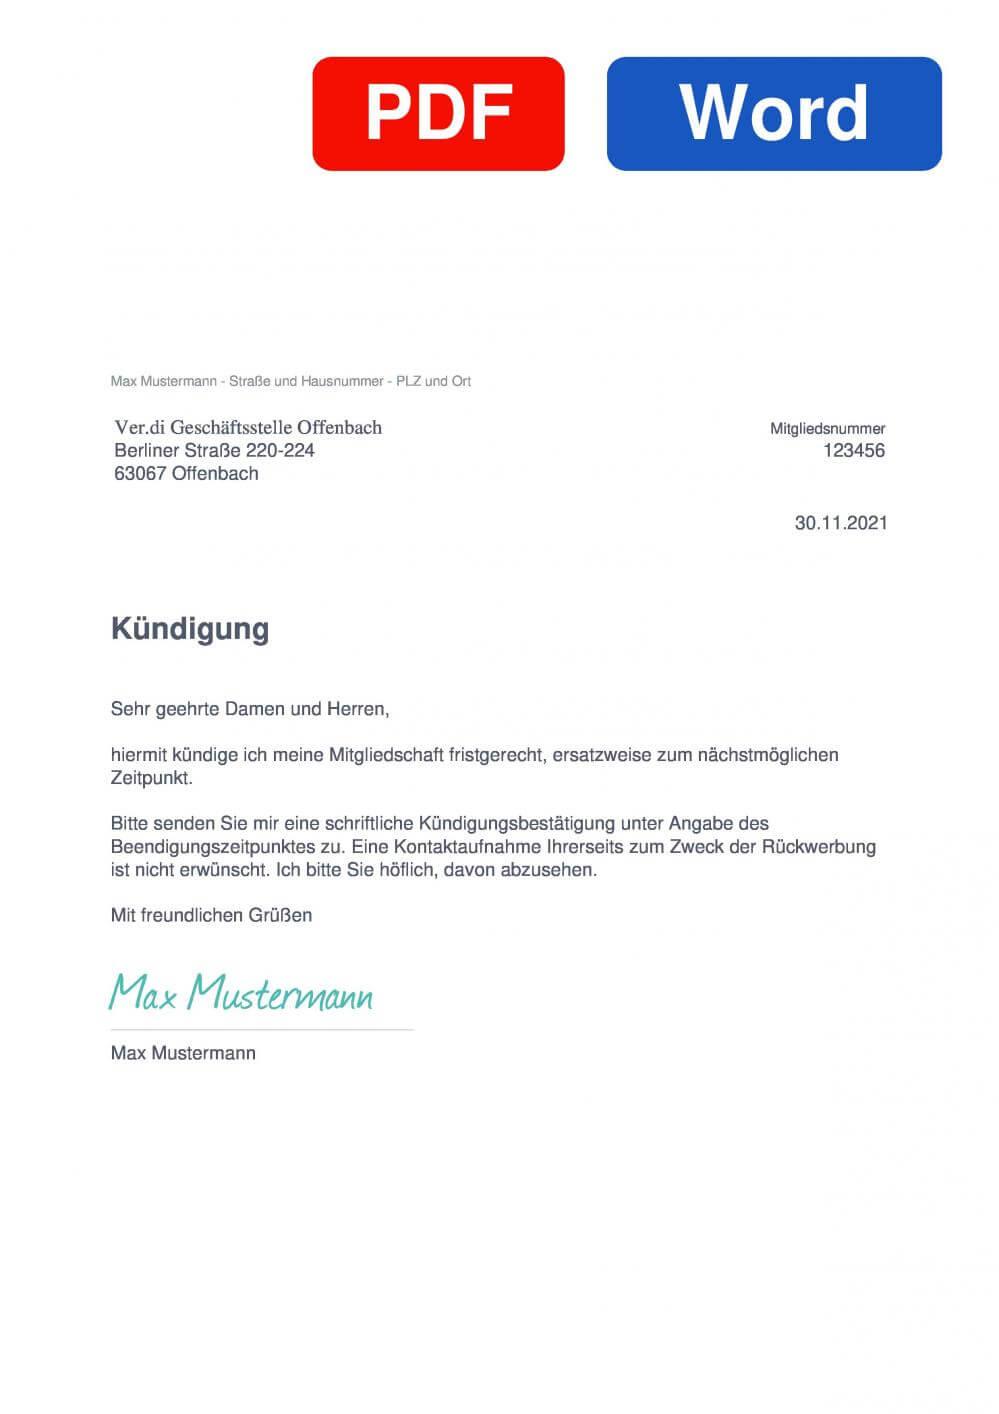 Verdi Offenbach Muster Vorlage für Kündigungsschreiben